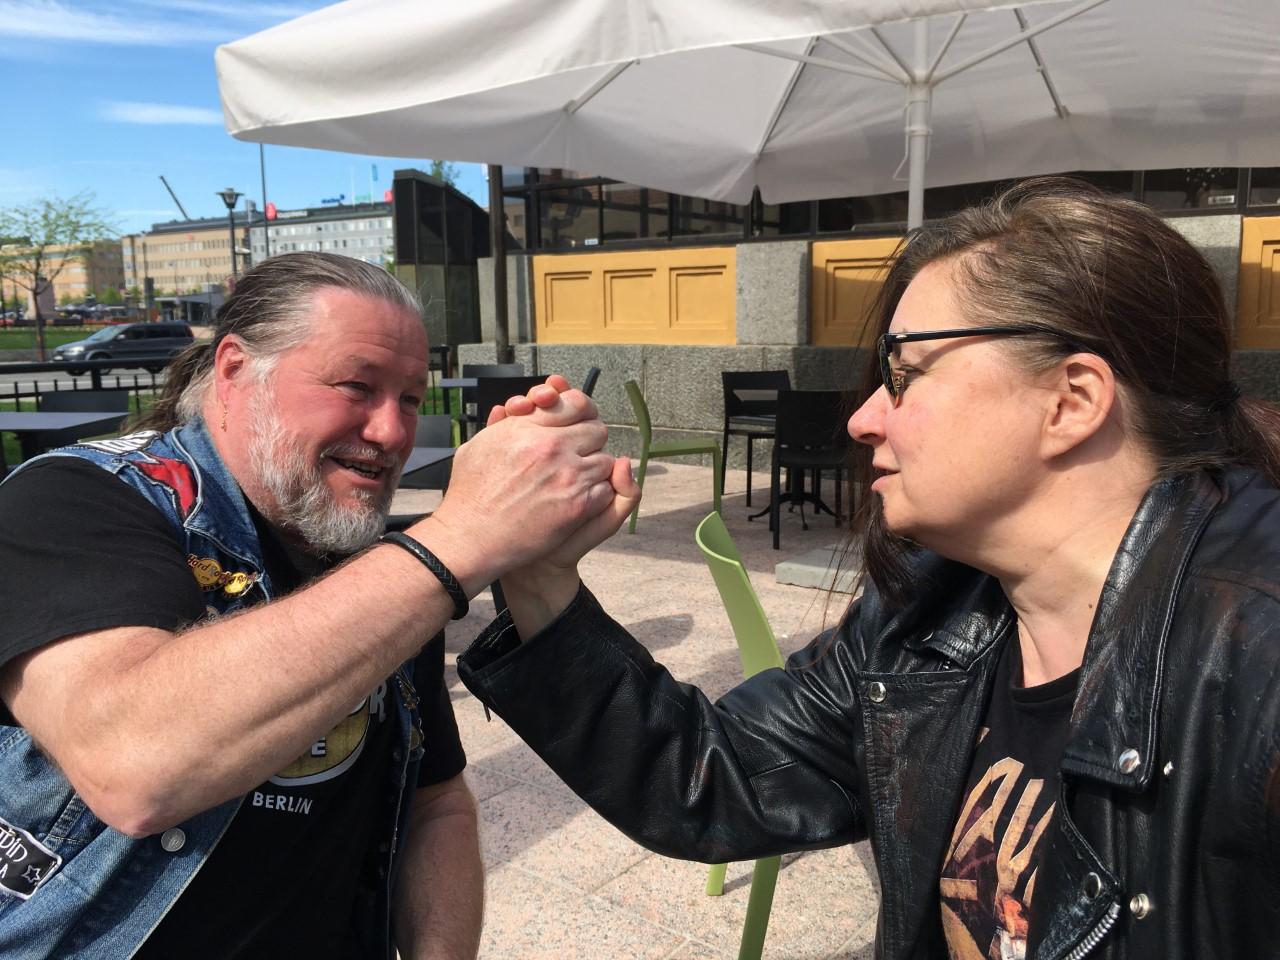 Näyttelijä Olli-Kalle Heimo vääntää kättä Kätkäläis-esityksen hahmon R. Variksen kanssa (Anna Ojanne)